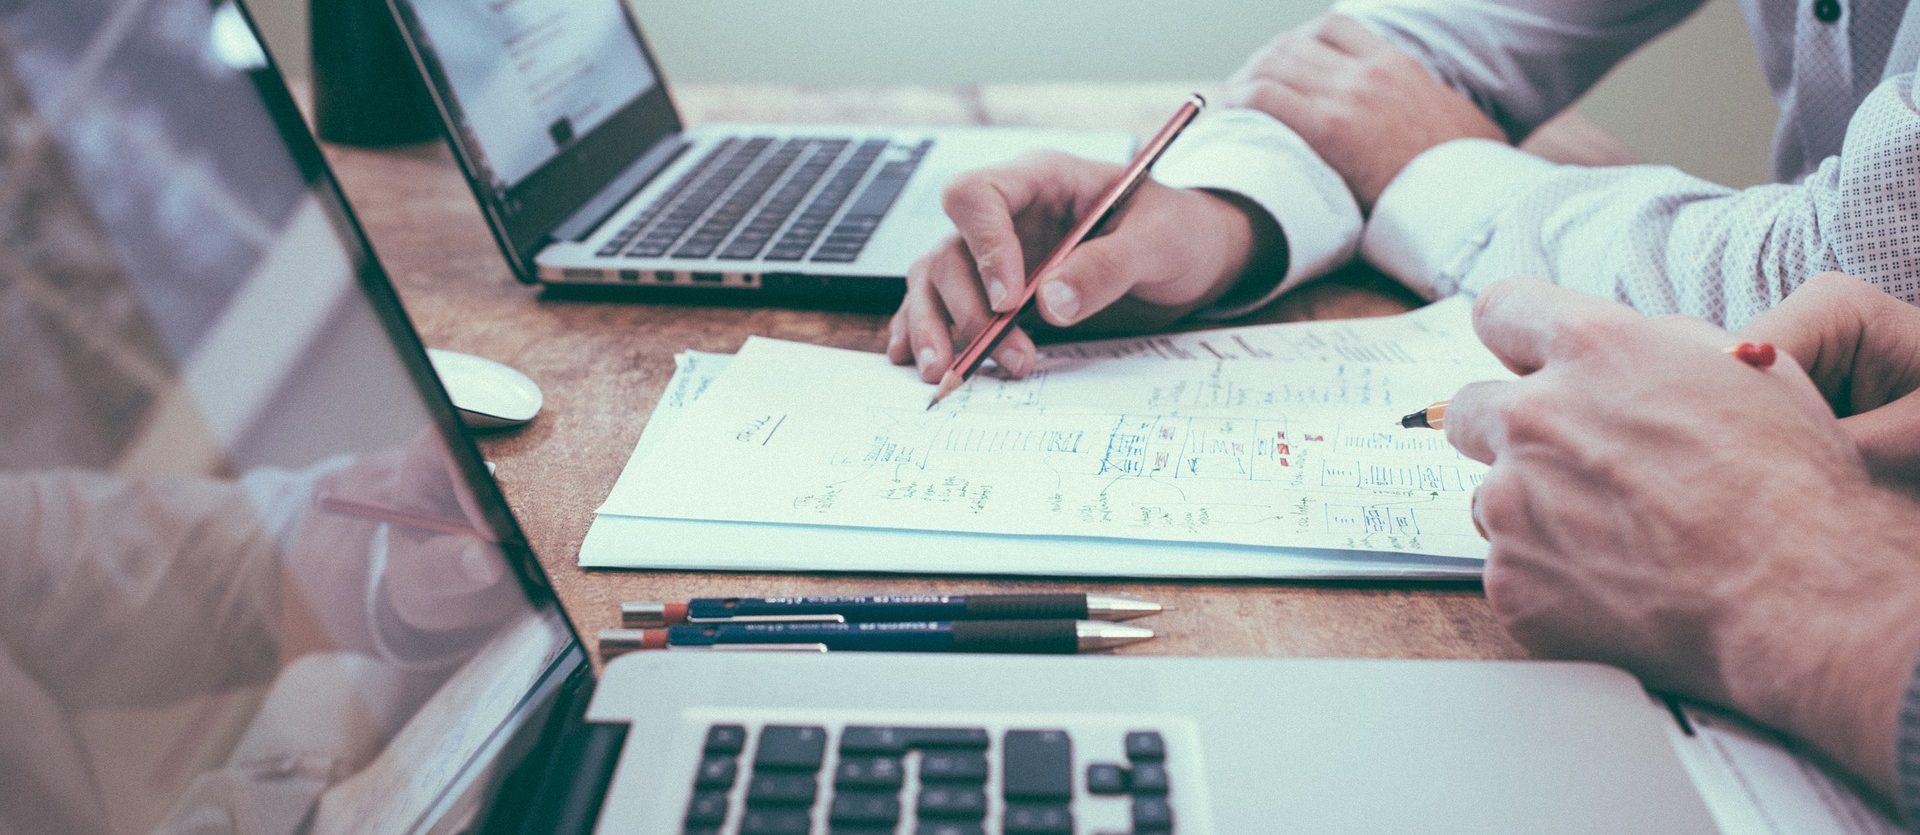 Dois profissionais homens à frente de dois notebooks e entre eles uma folha com dados técnicos com os quais os profissionais estão discutindo